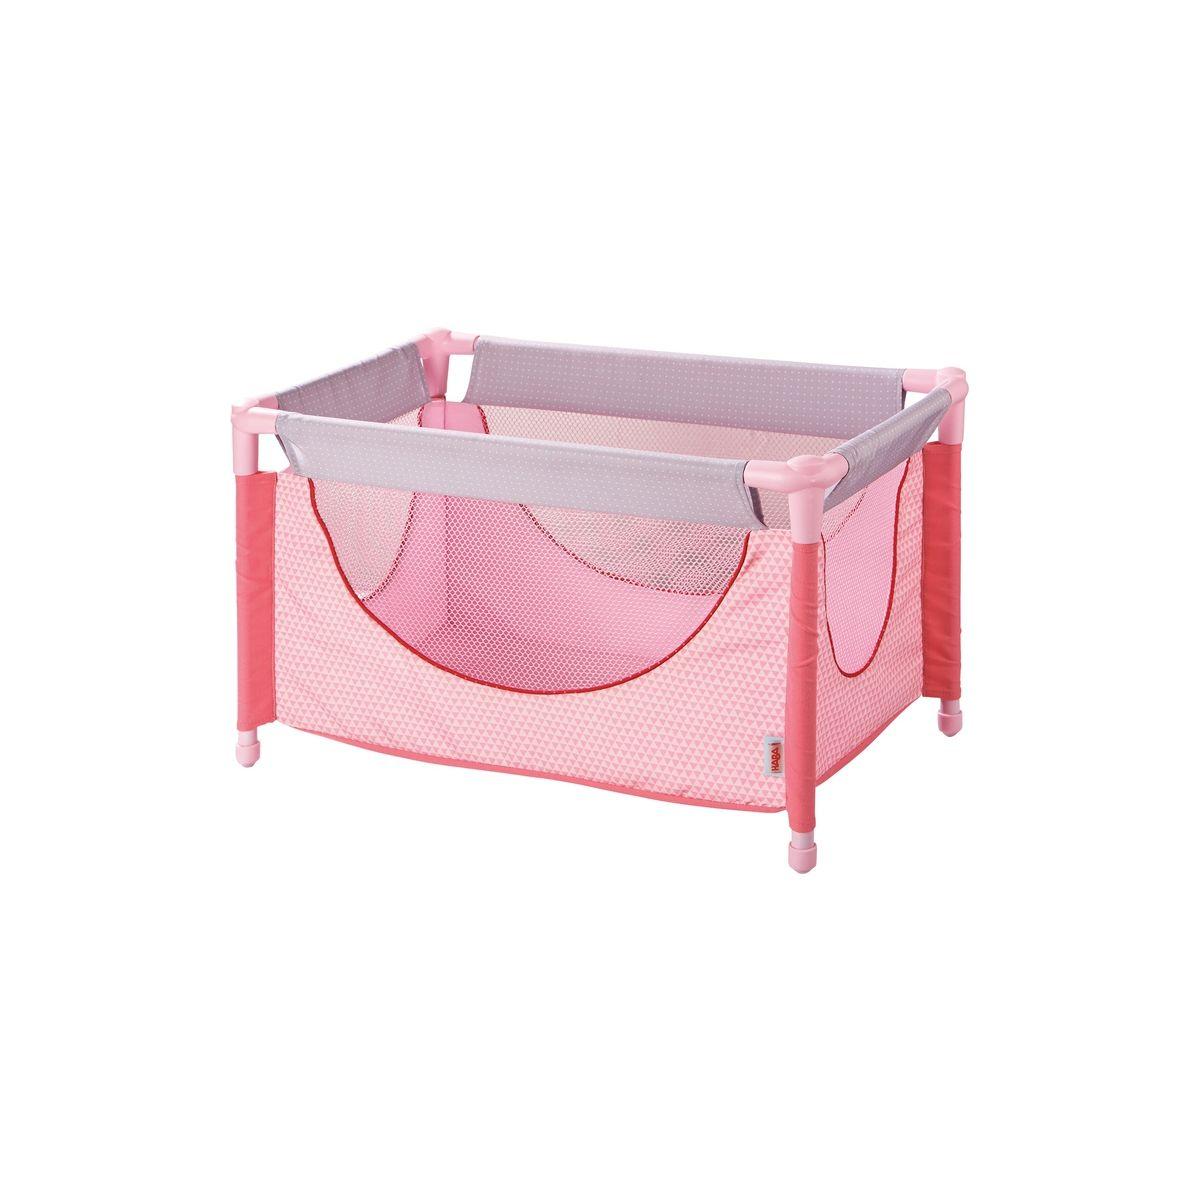 lit de poup e b b fritzi partir de 18 mois sebio. Black Bedroom Furniture Sets. Home Design Ideas